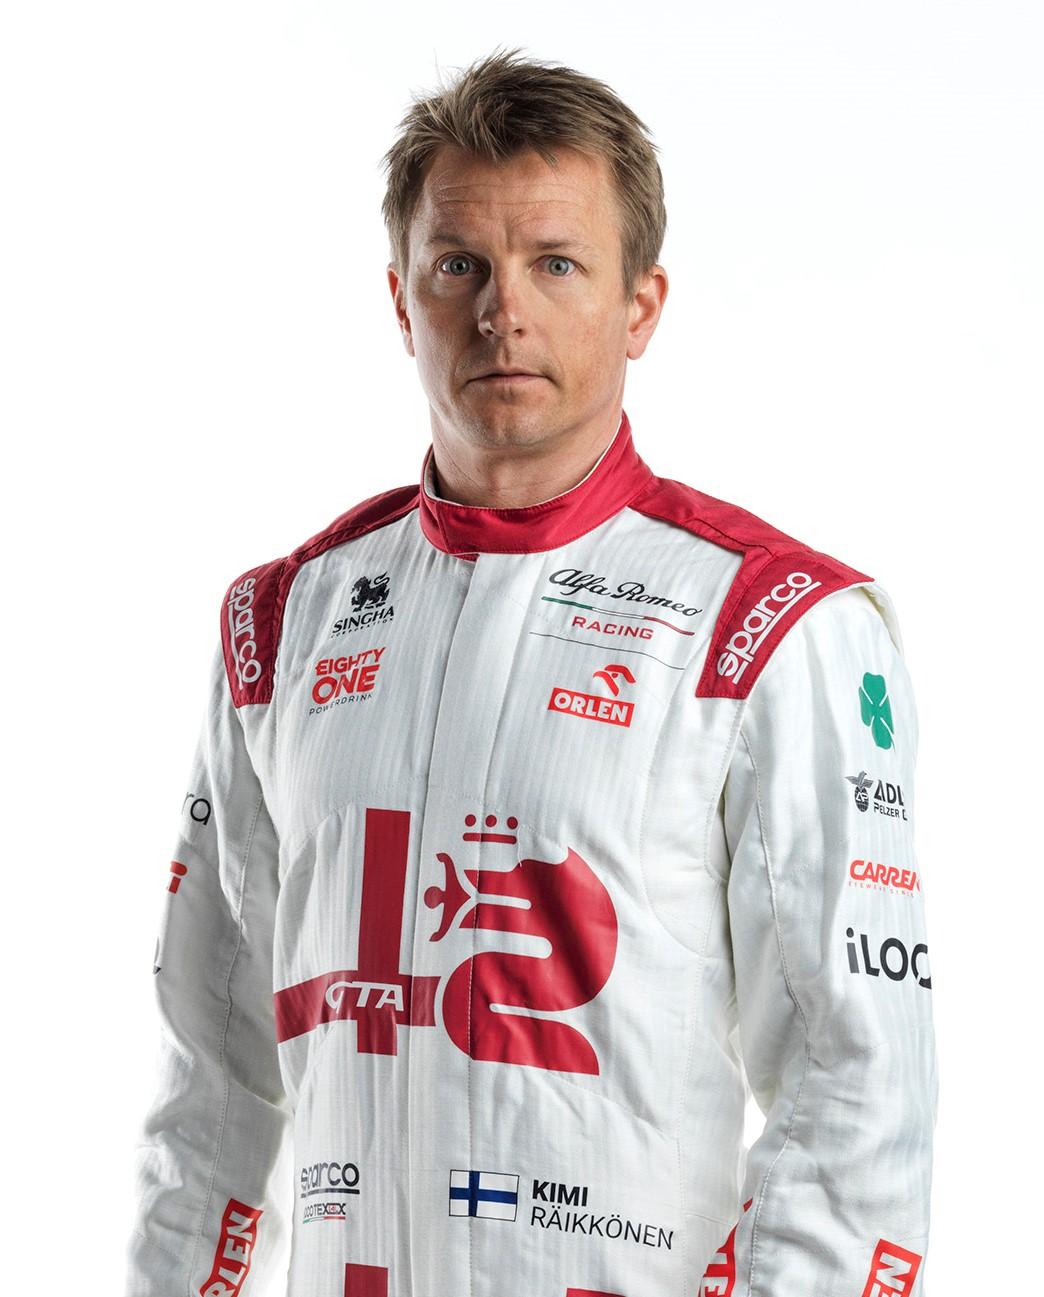 Kimi Räikkönen - Race Suit (1)